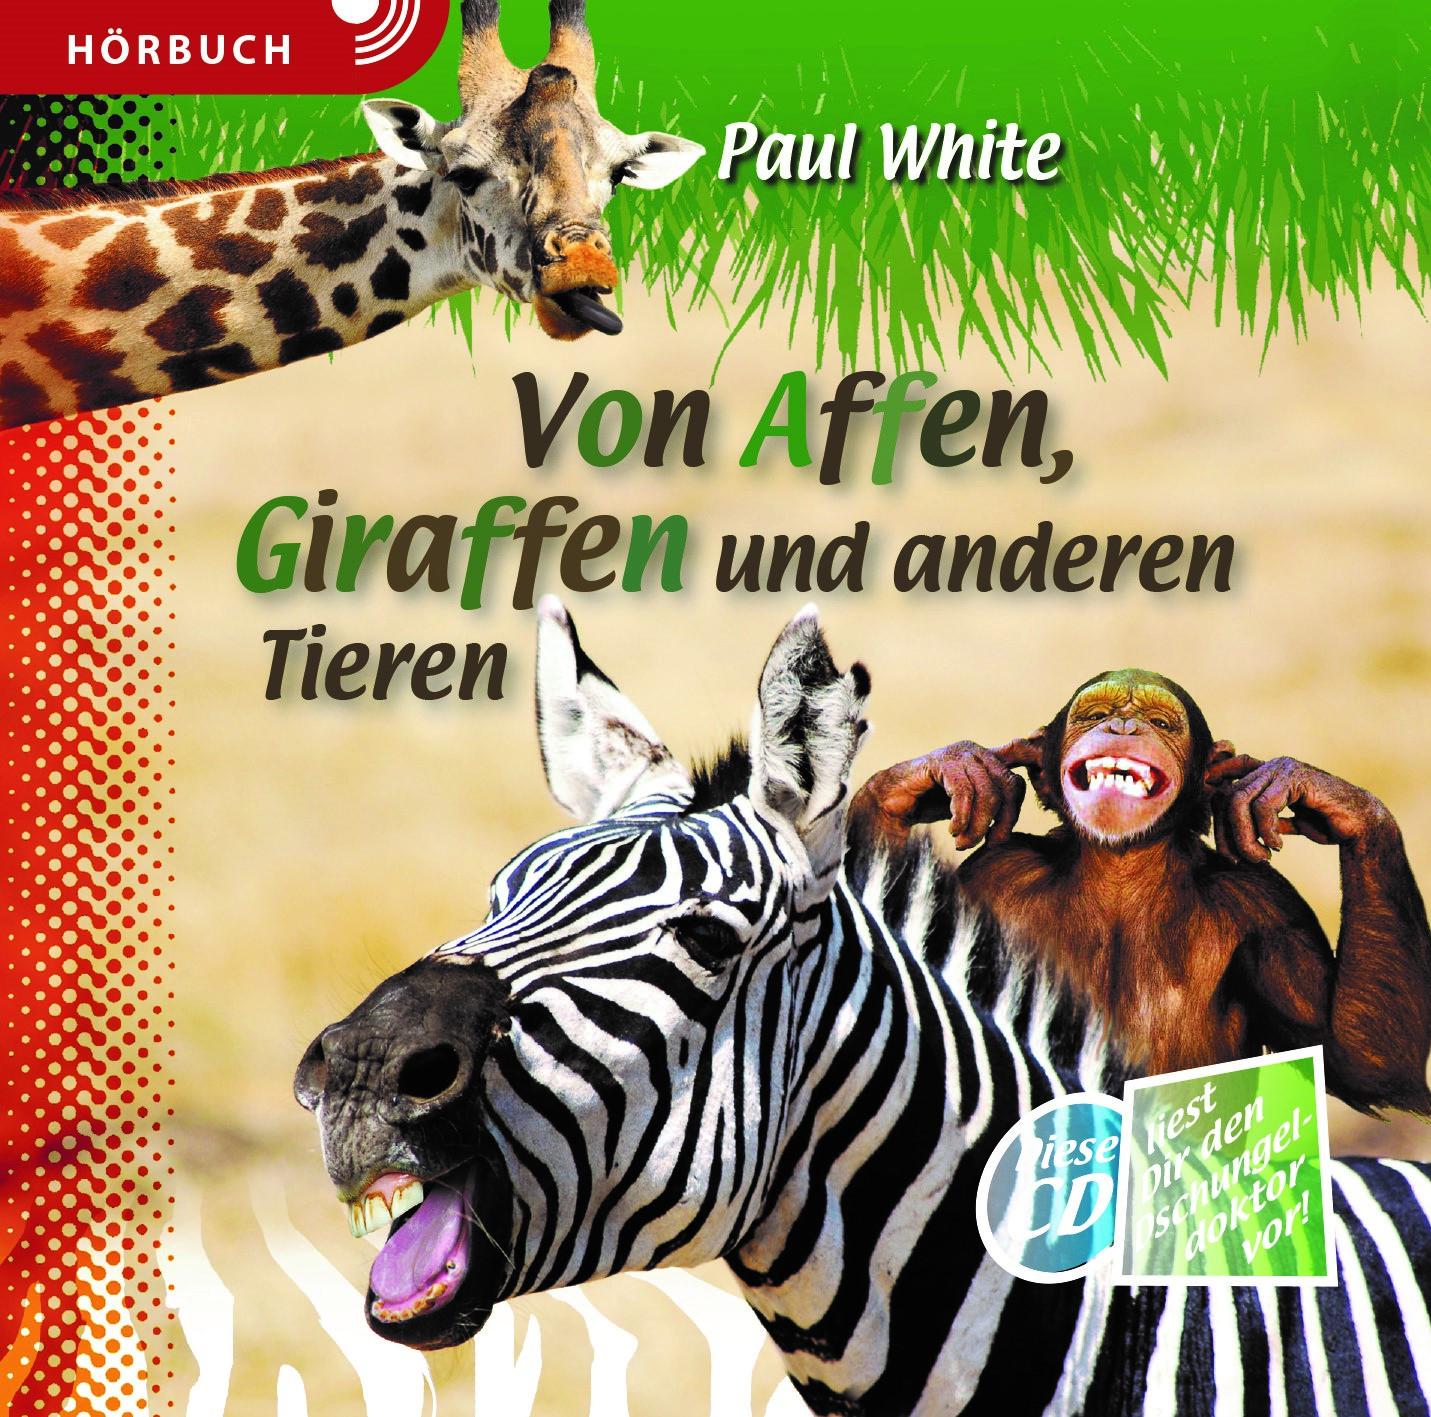 clv_von-affen-giraffen-und-anderen-tieren-mp3_paul-white_256982_1